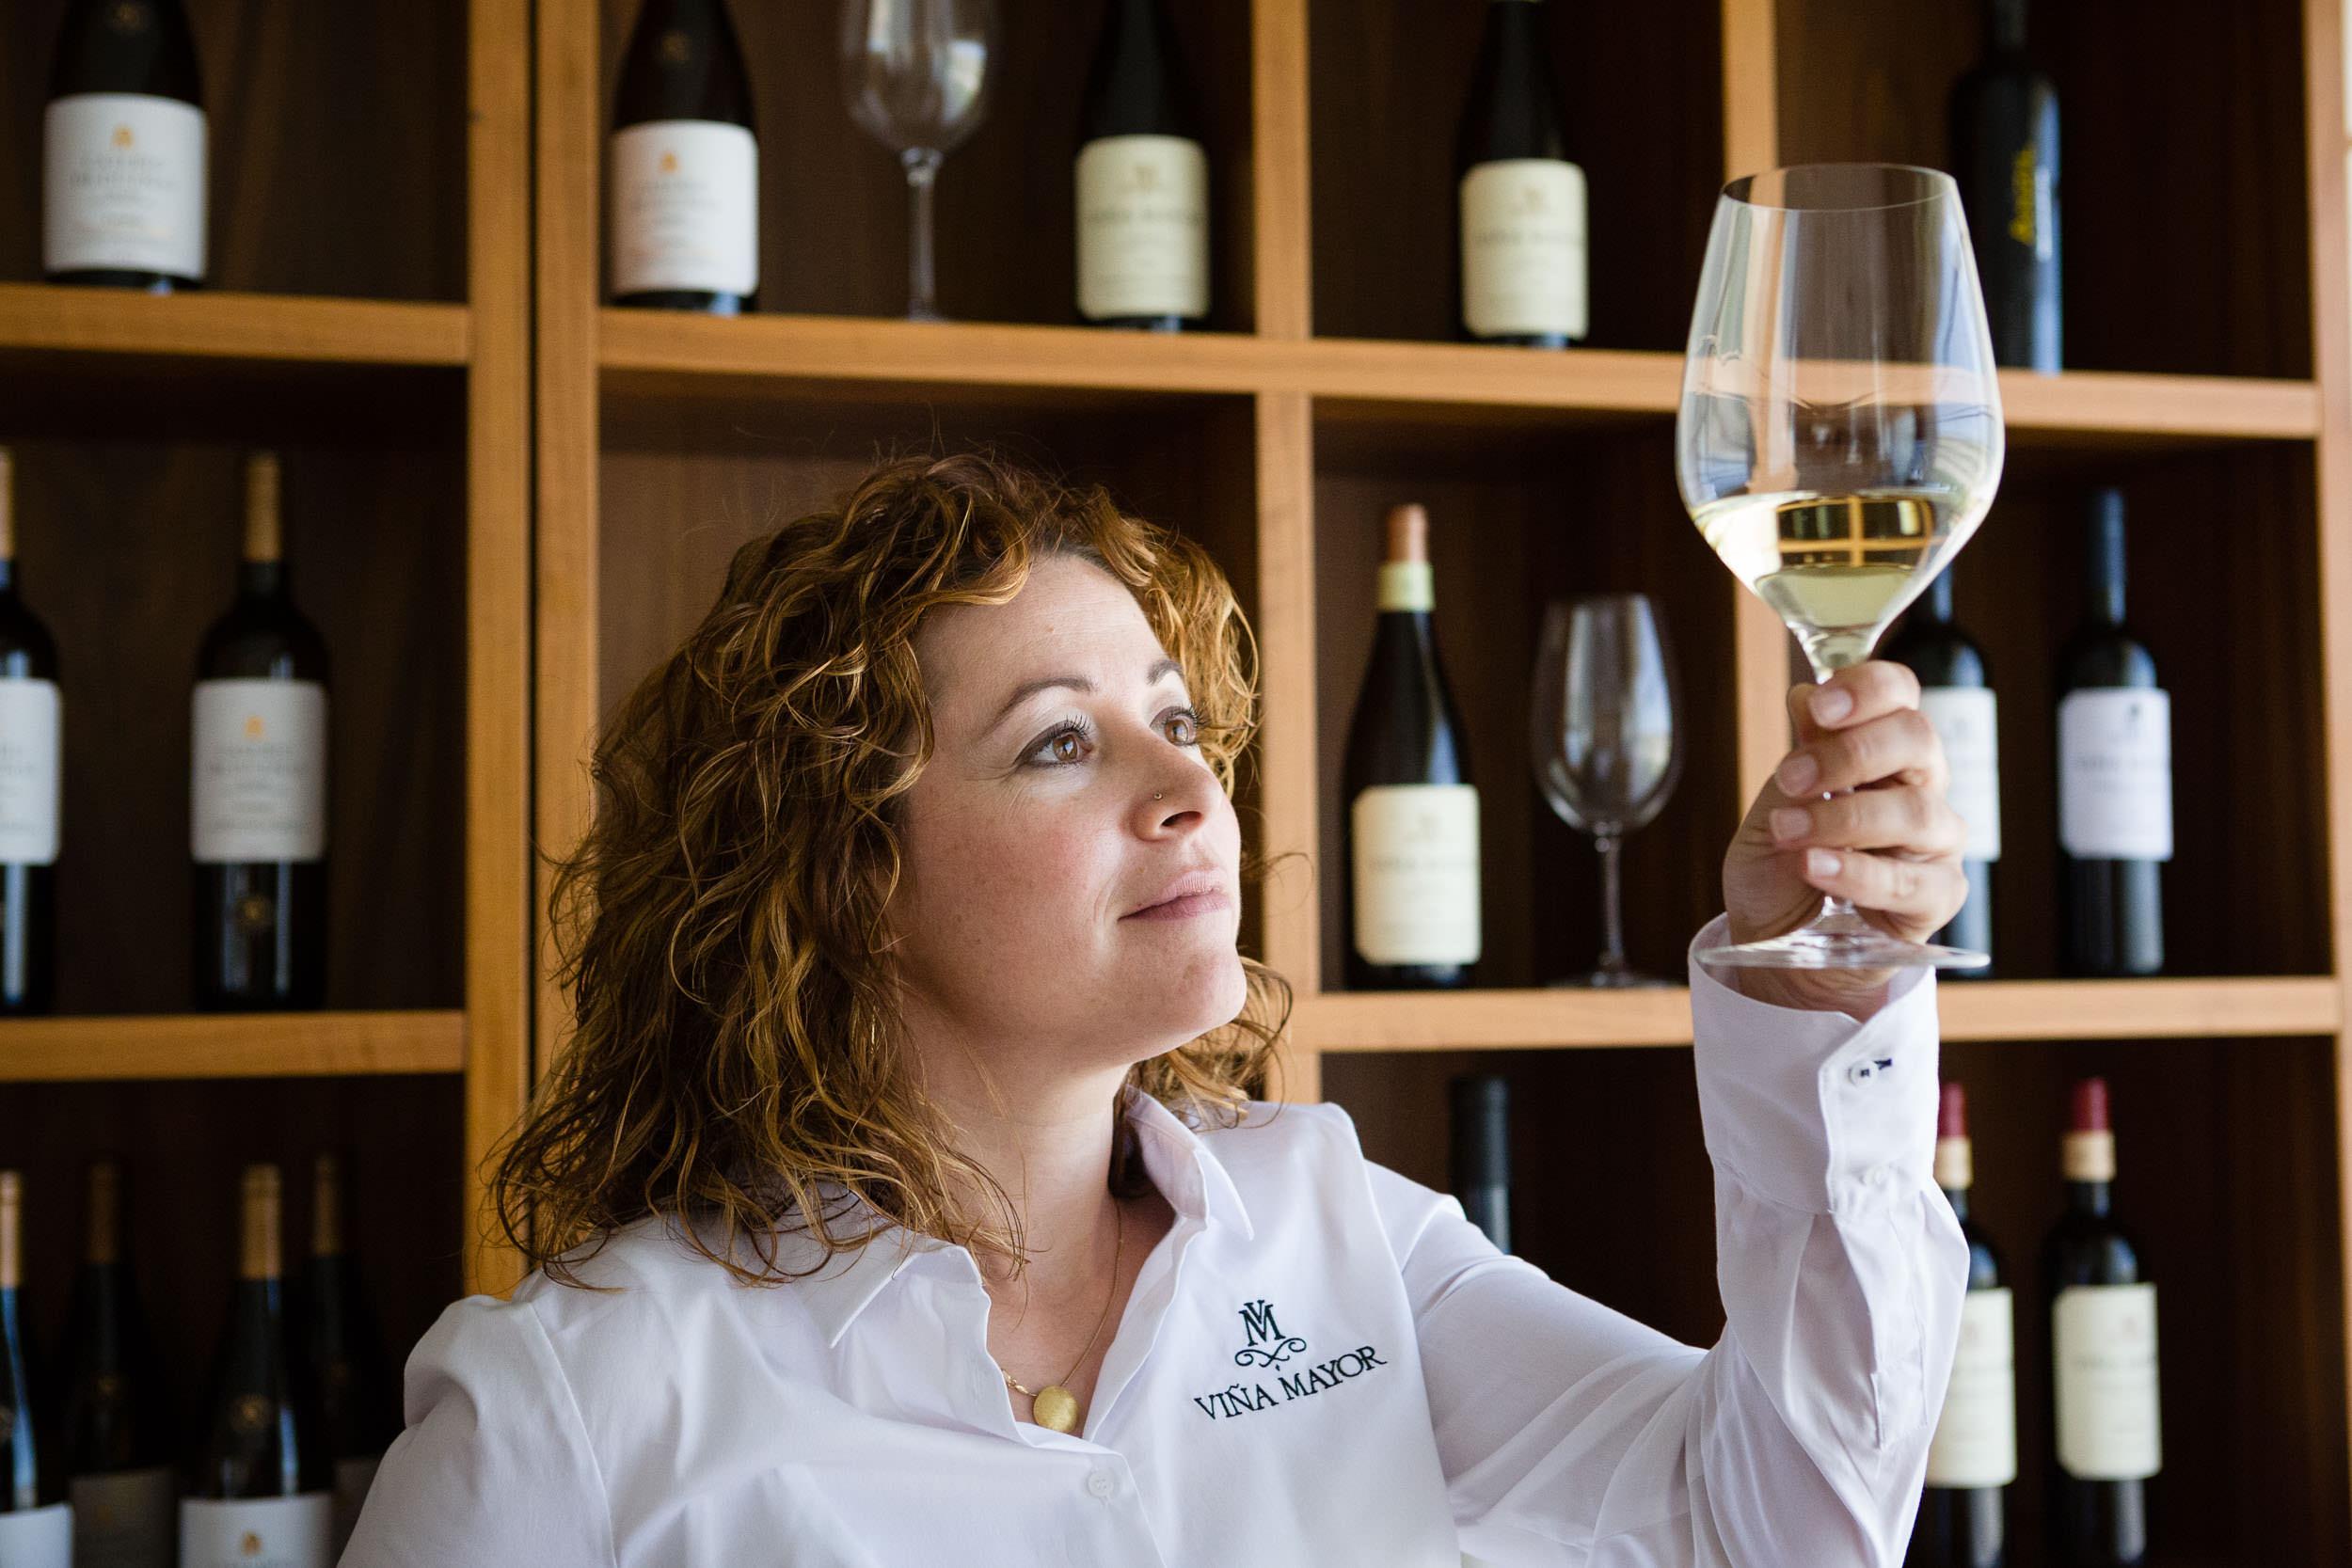 Fotografia de Retratos La Rioja Pais Vasco España - James Sturcke - sturcke.org_001.jpg